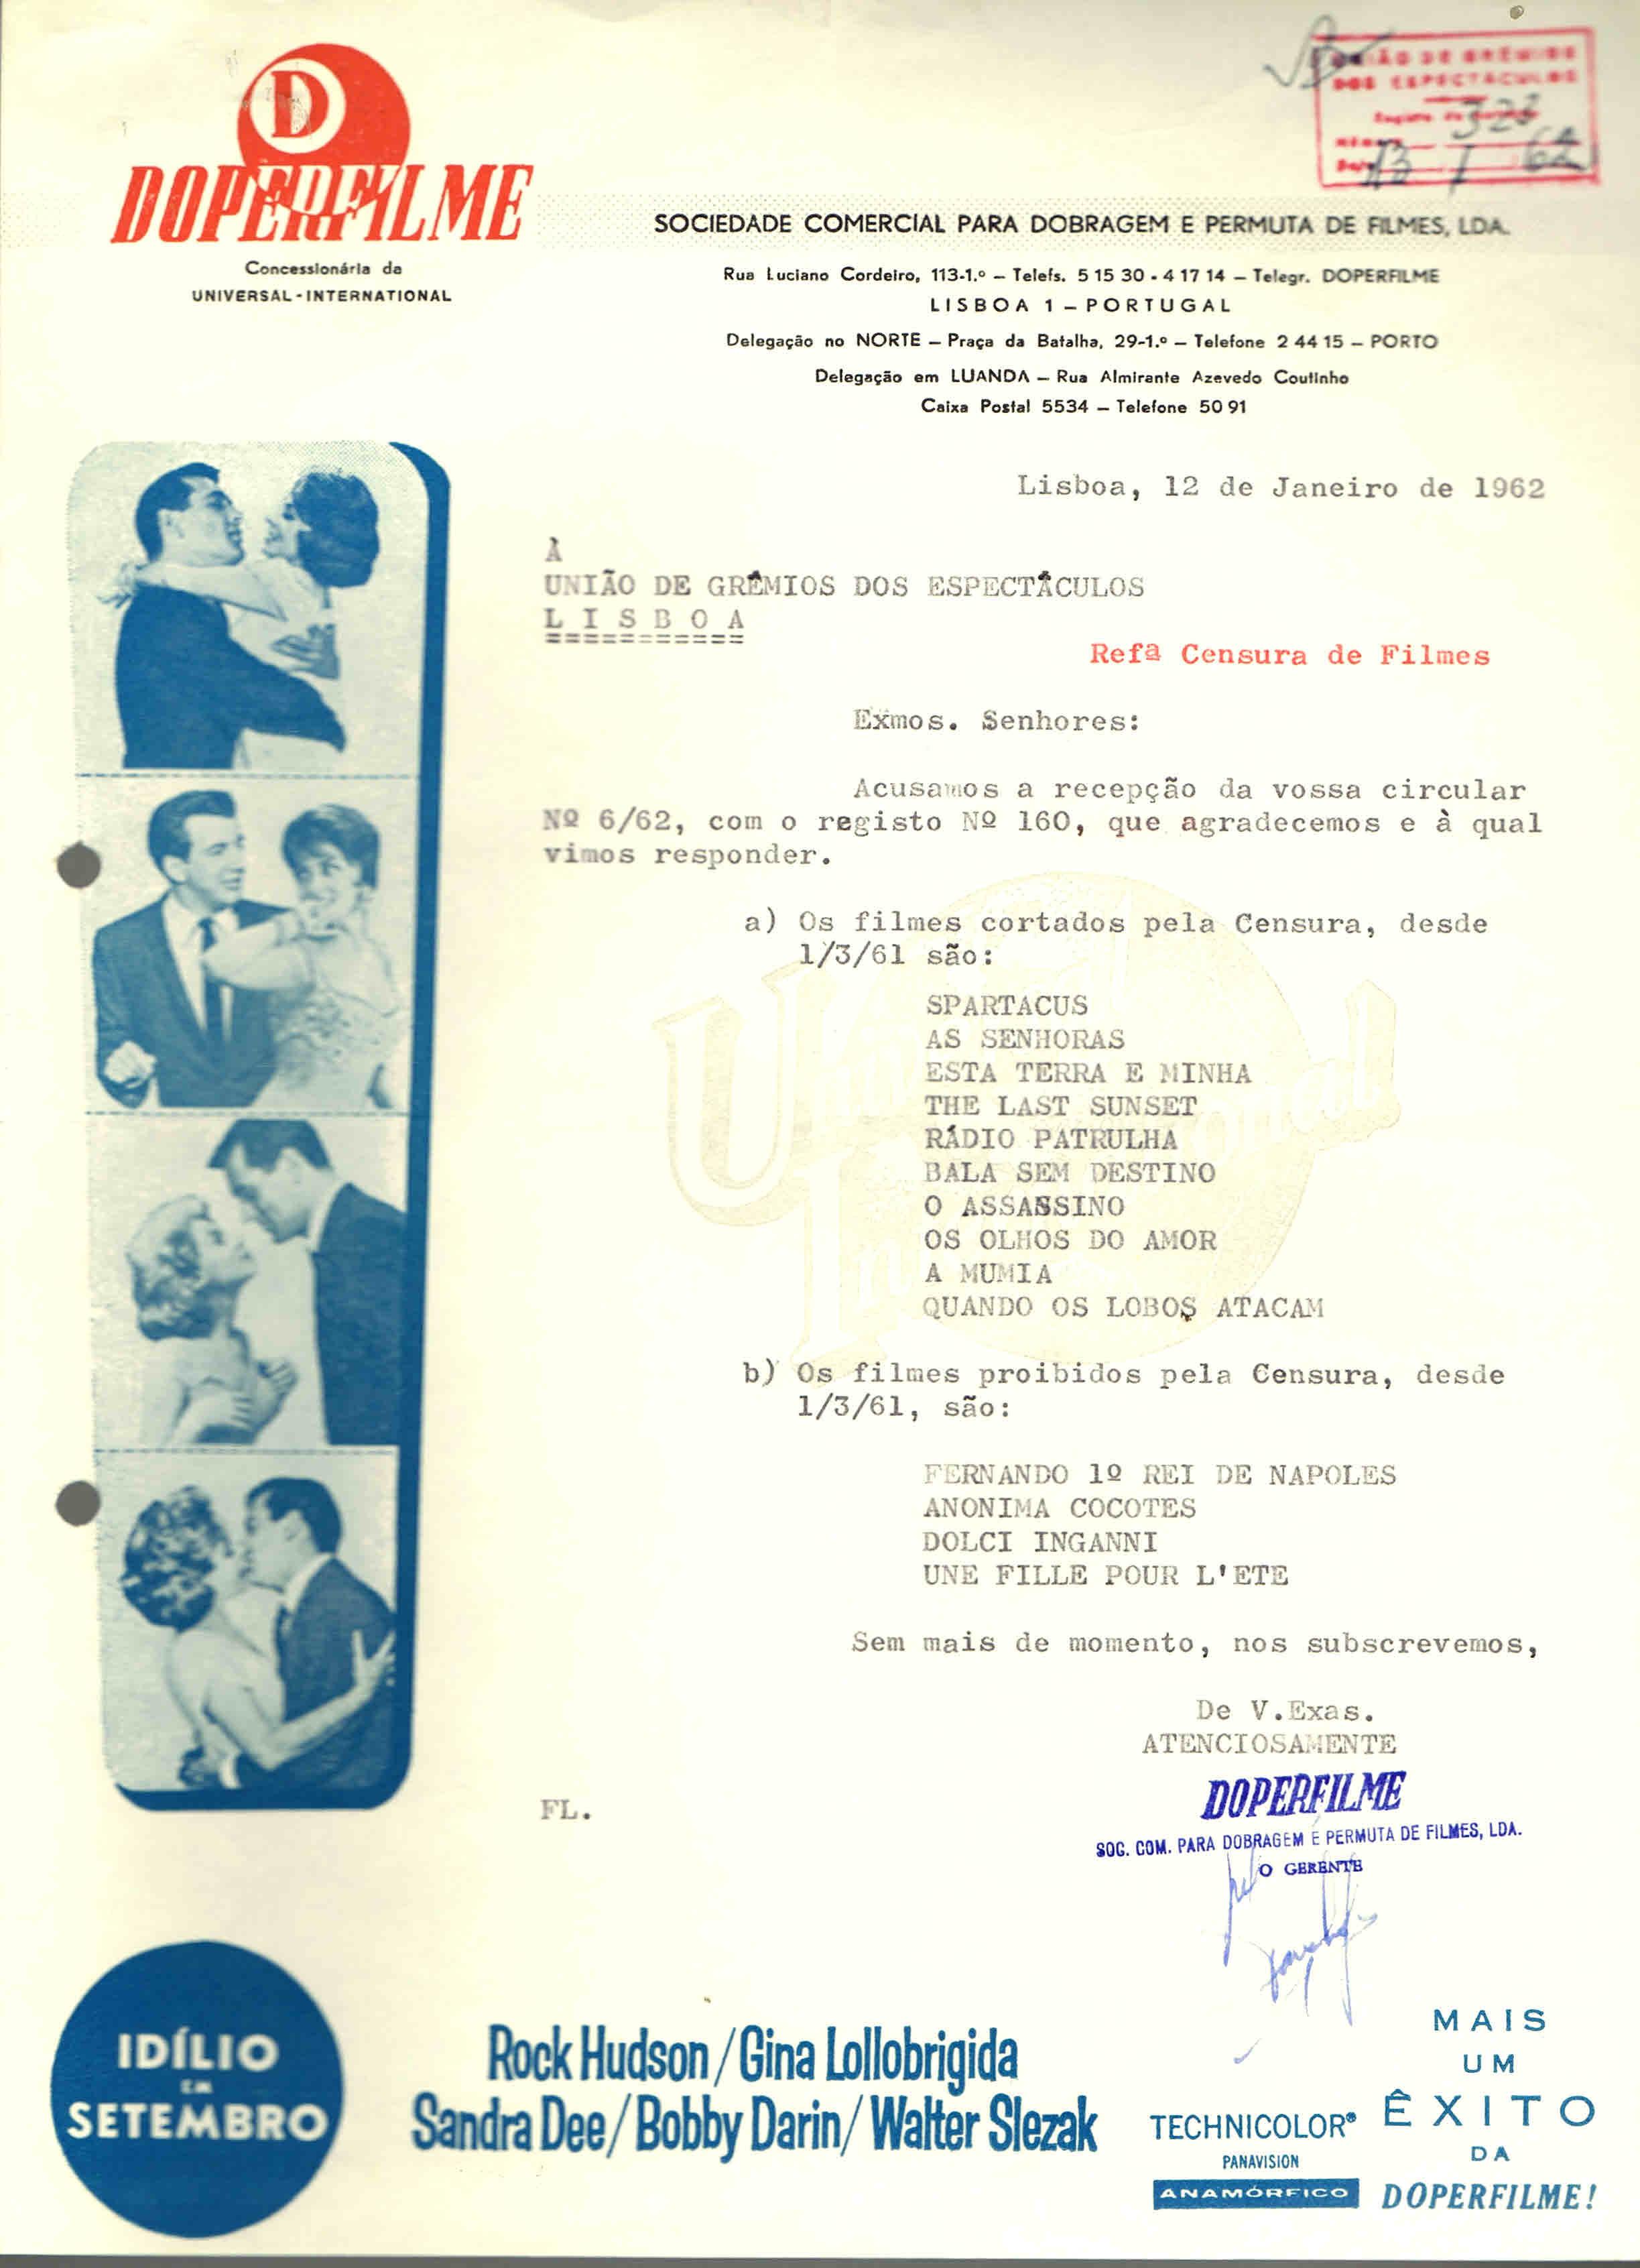 Document (16)SSSSS (3)